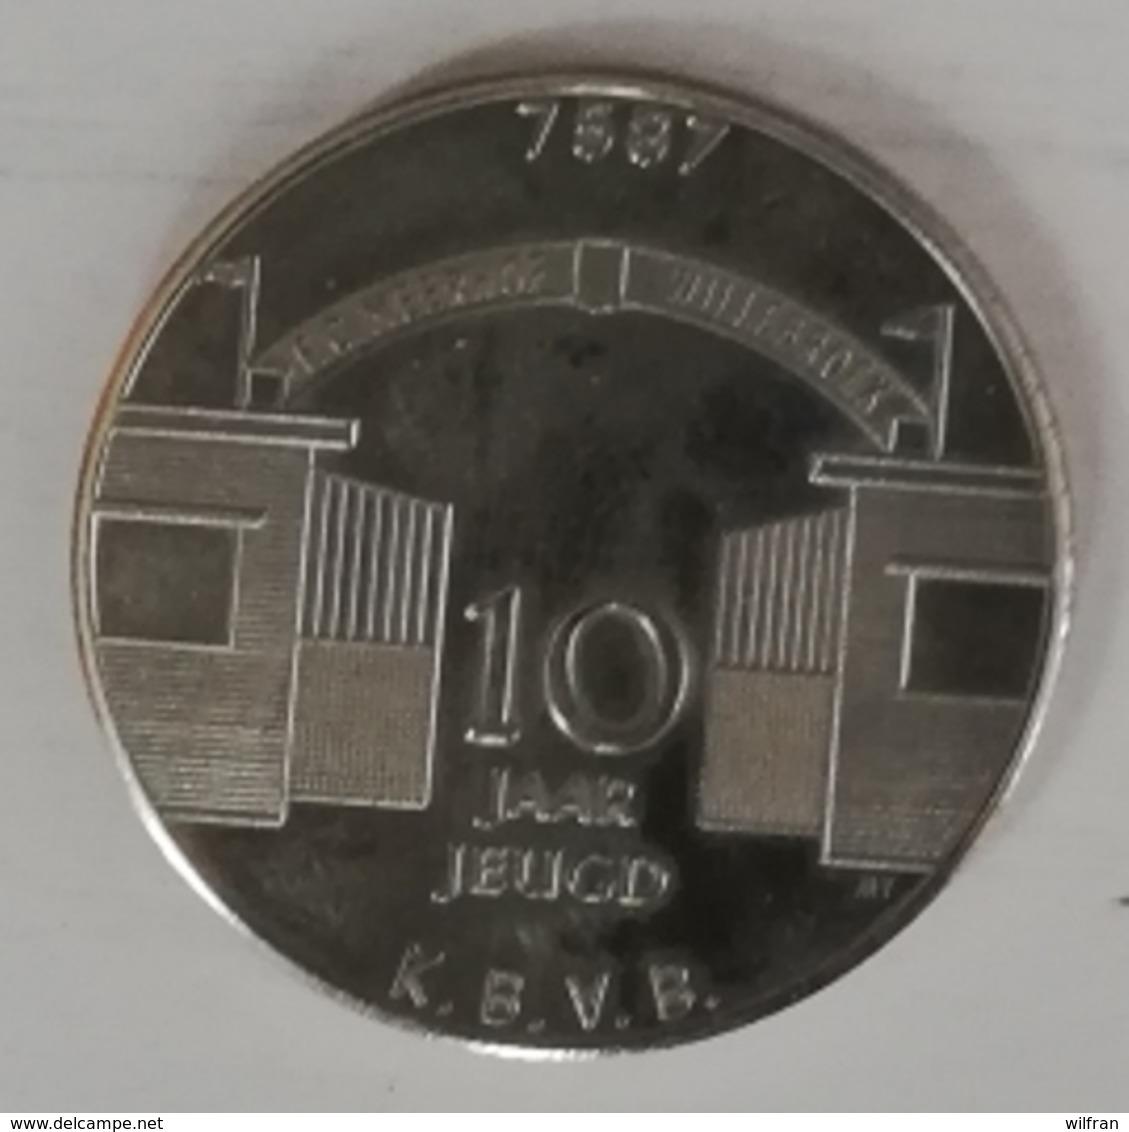 3223 Vz 10 Jaar Willebroek - Meerhof'r Jeugd 15 Juni 1982 - Kz F.C. Meerhof Willebroek 10 Jaar Jeugd K.B.V.B. - Gemeentepenningen